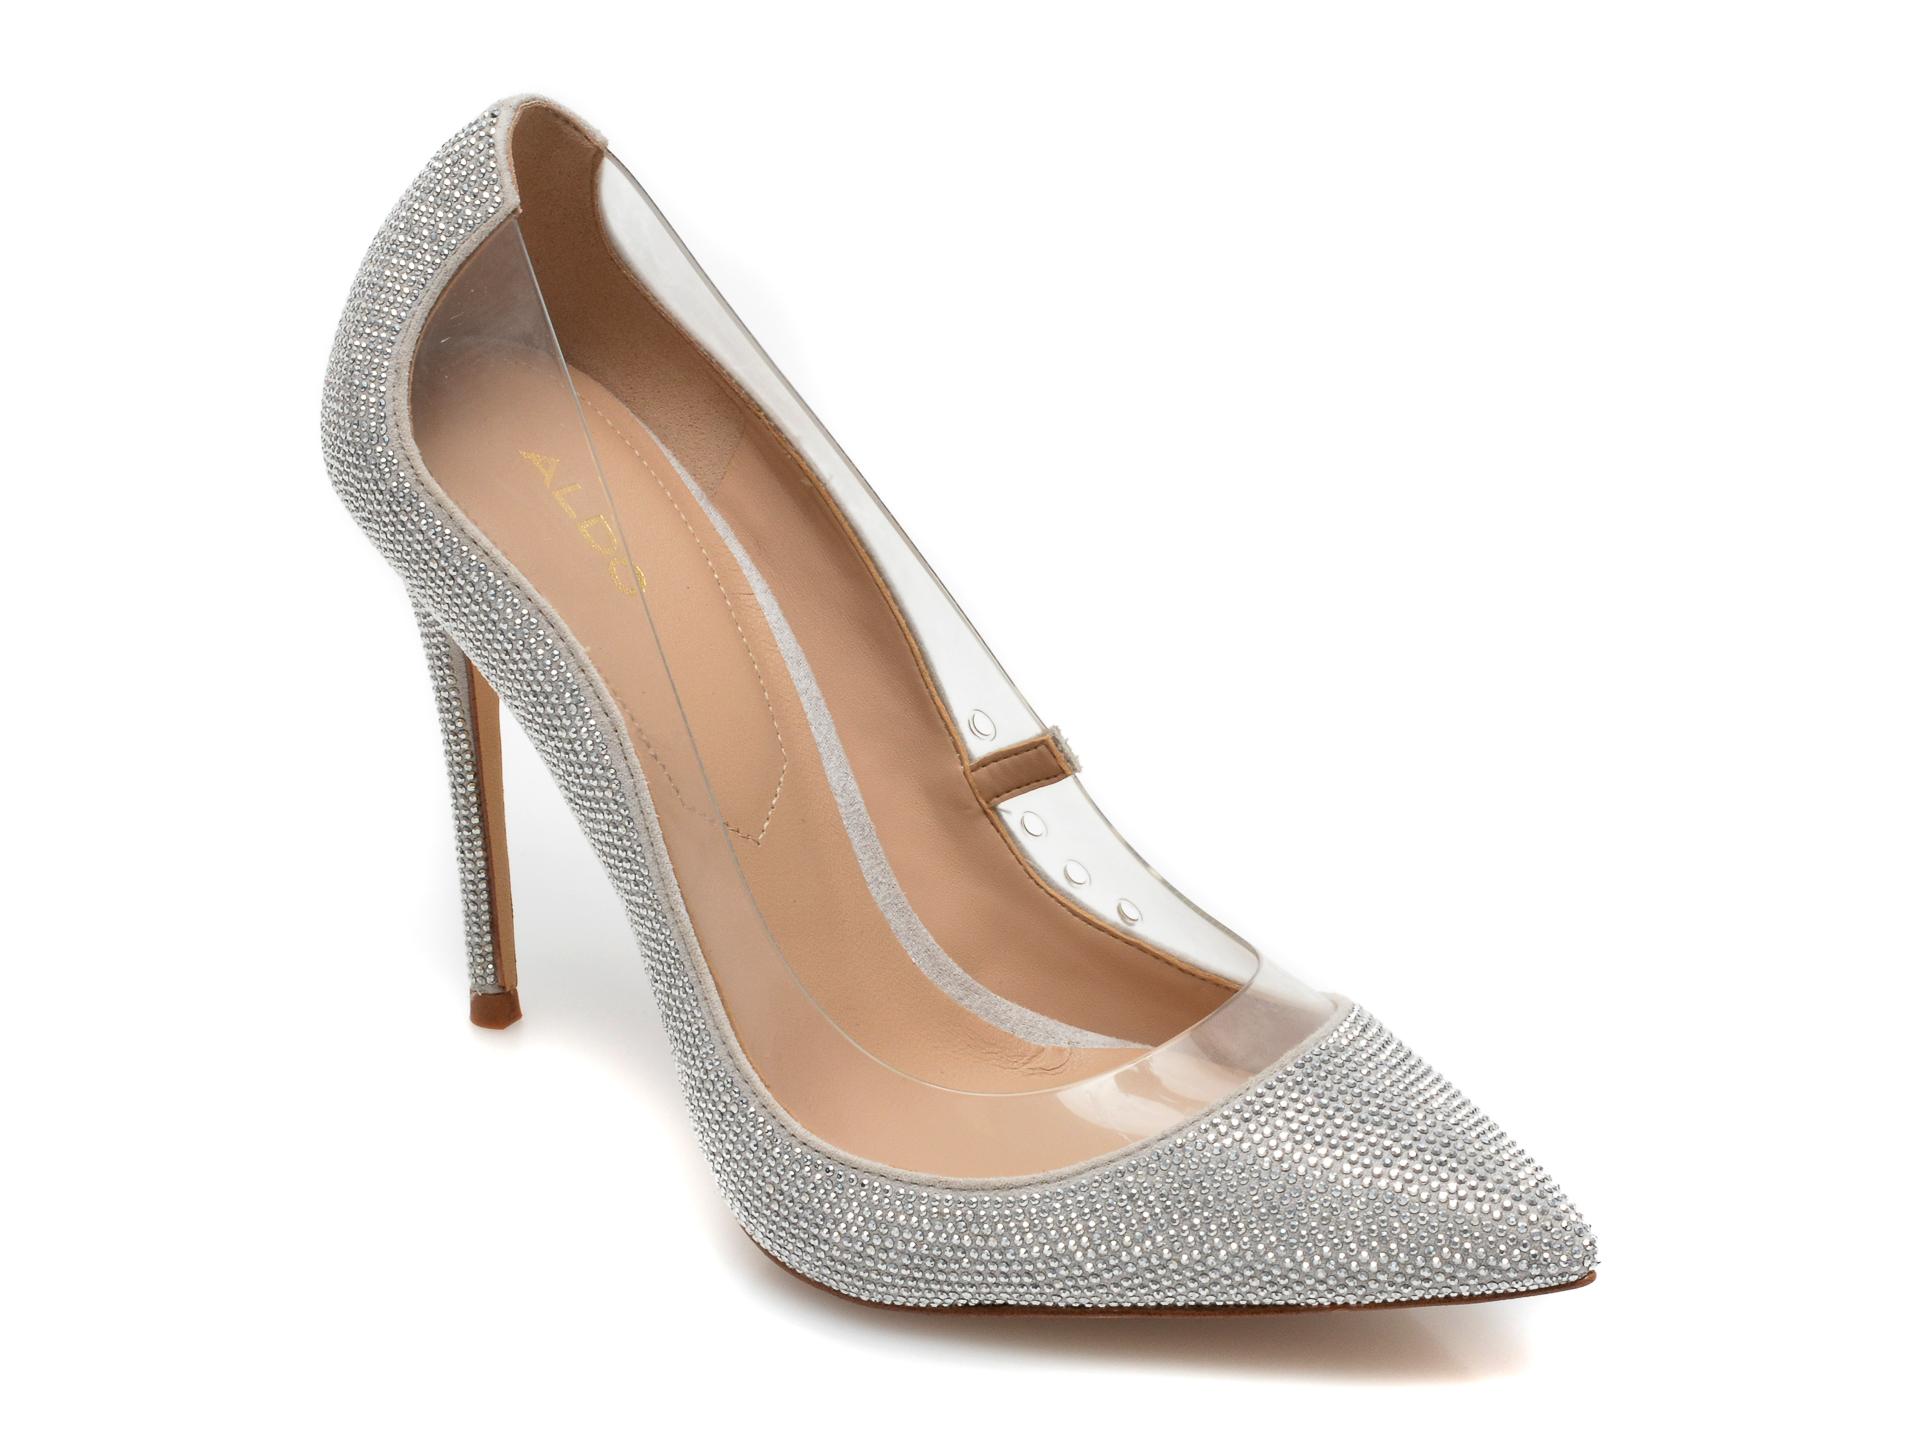 Pantofi ALDO argintii, Edulla042, din material textil